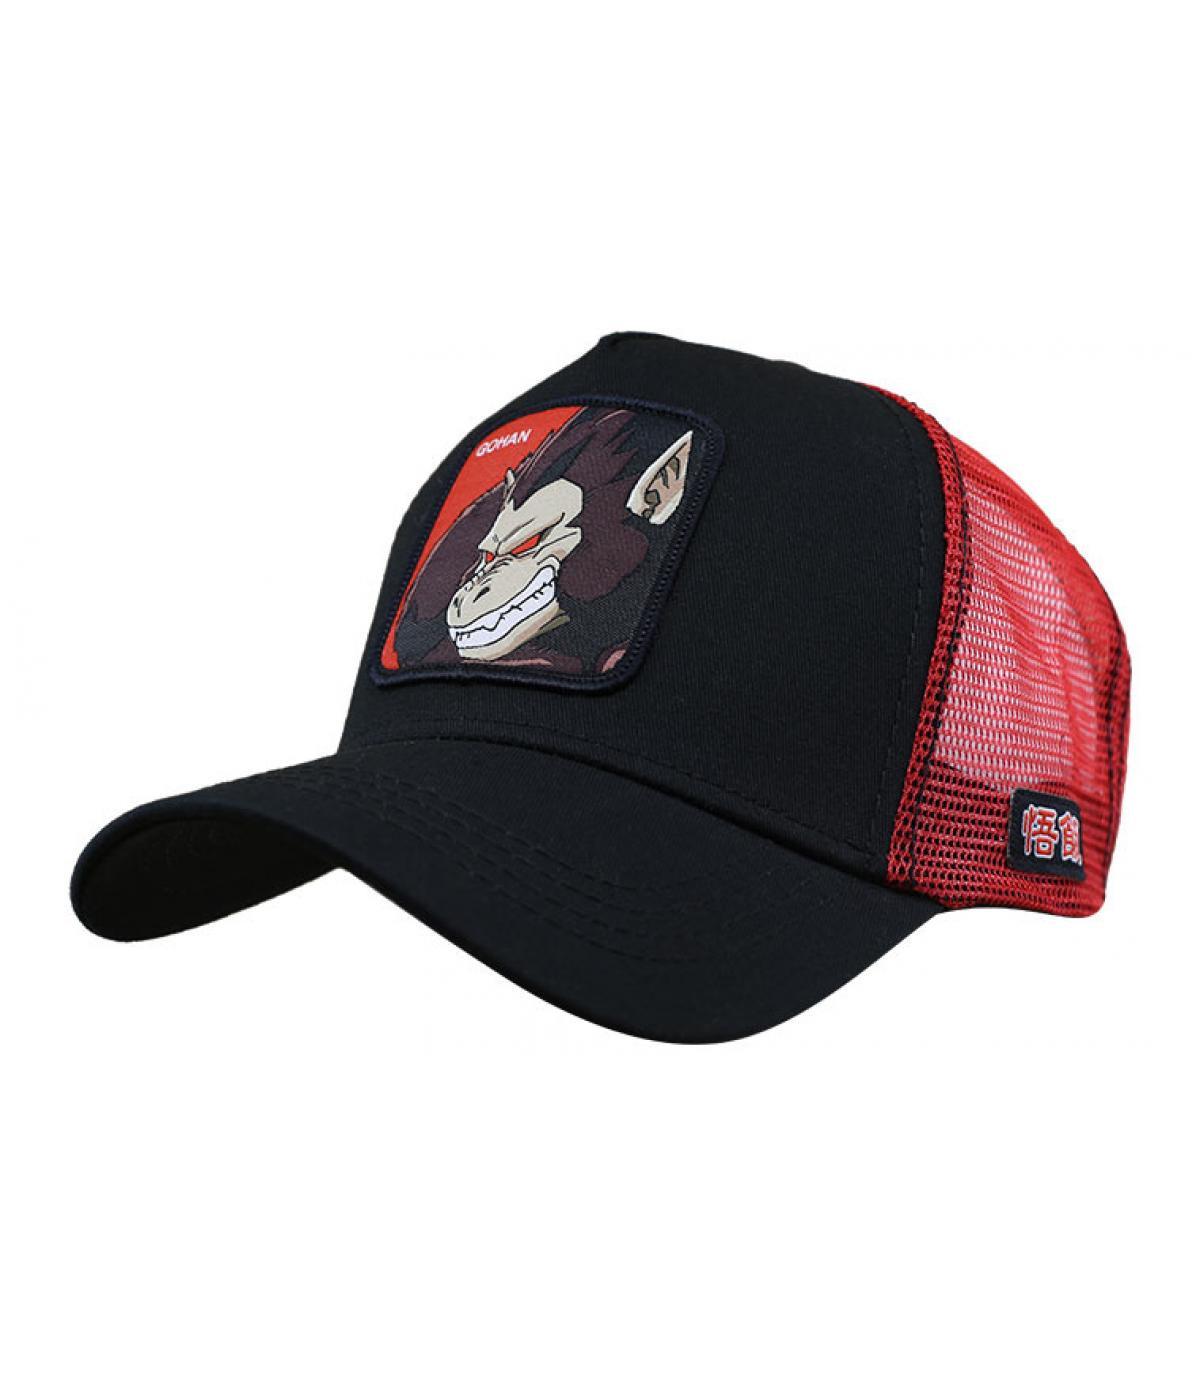 Gohan monkey DBZ cap